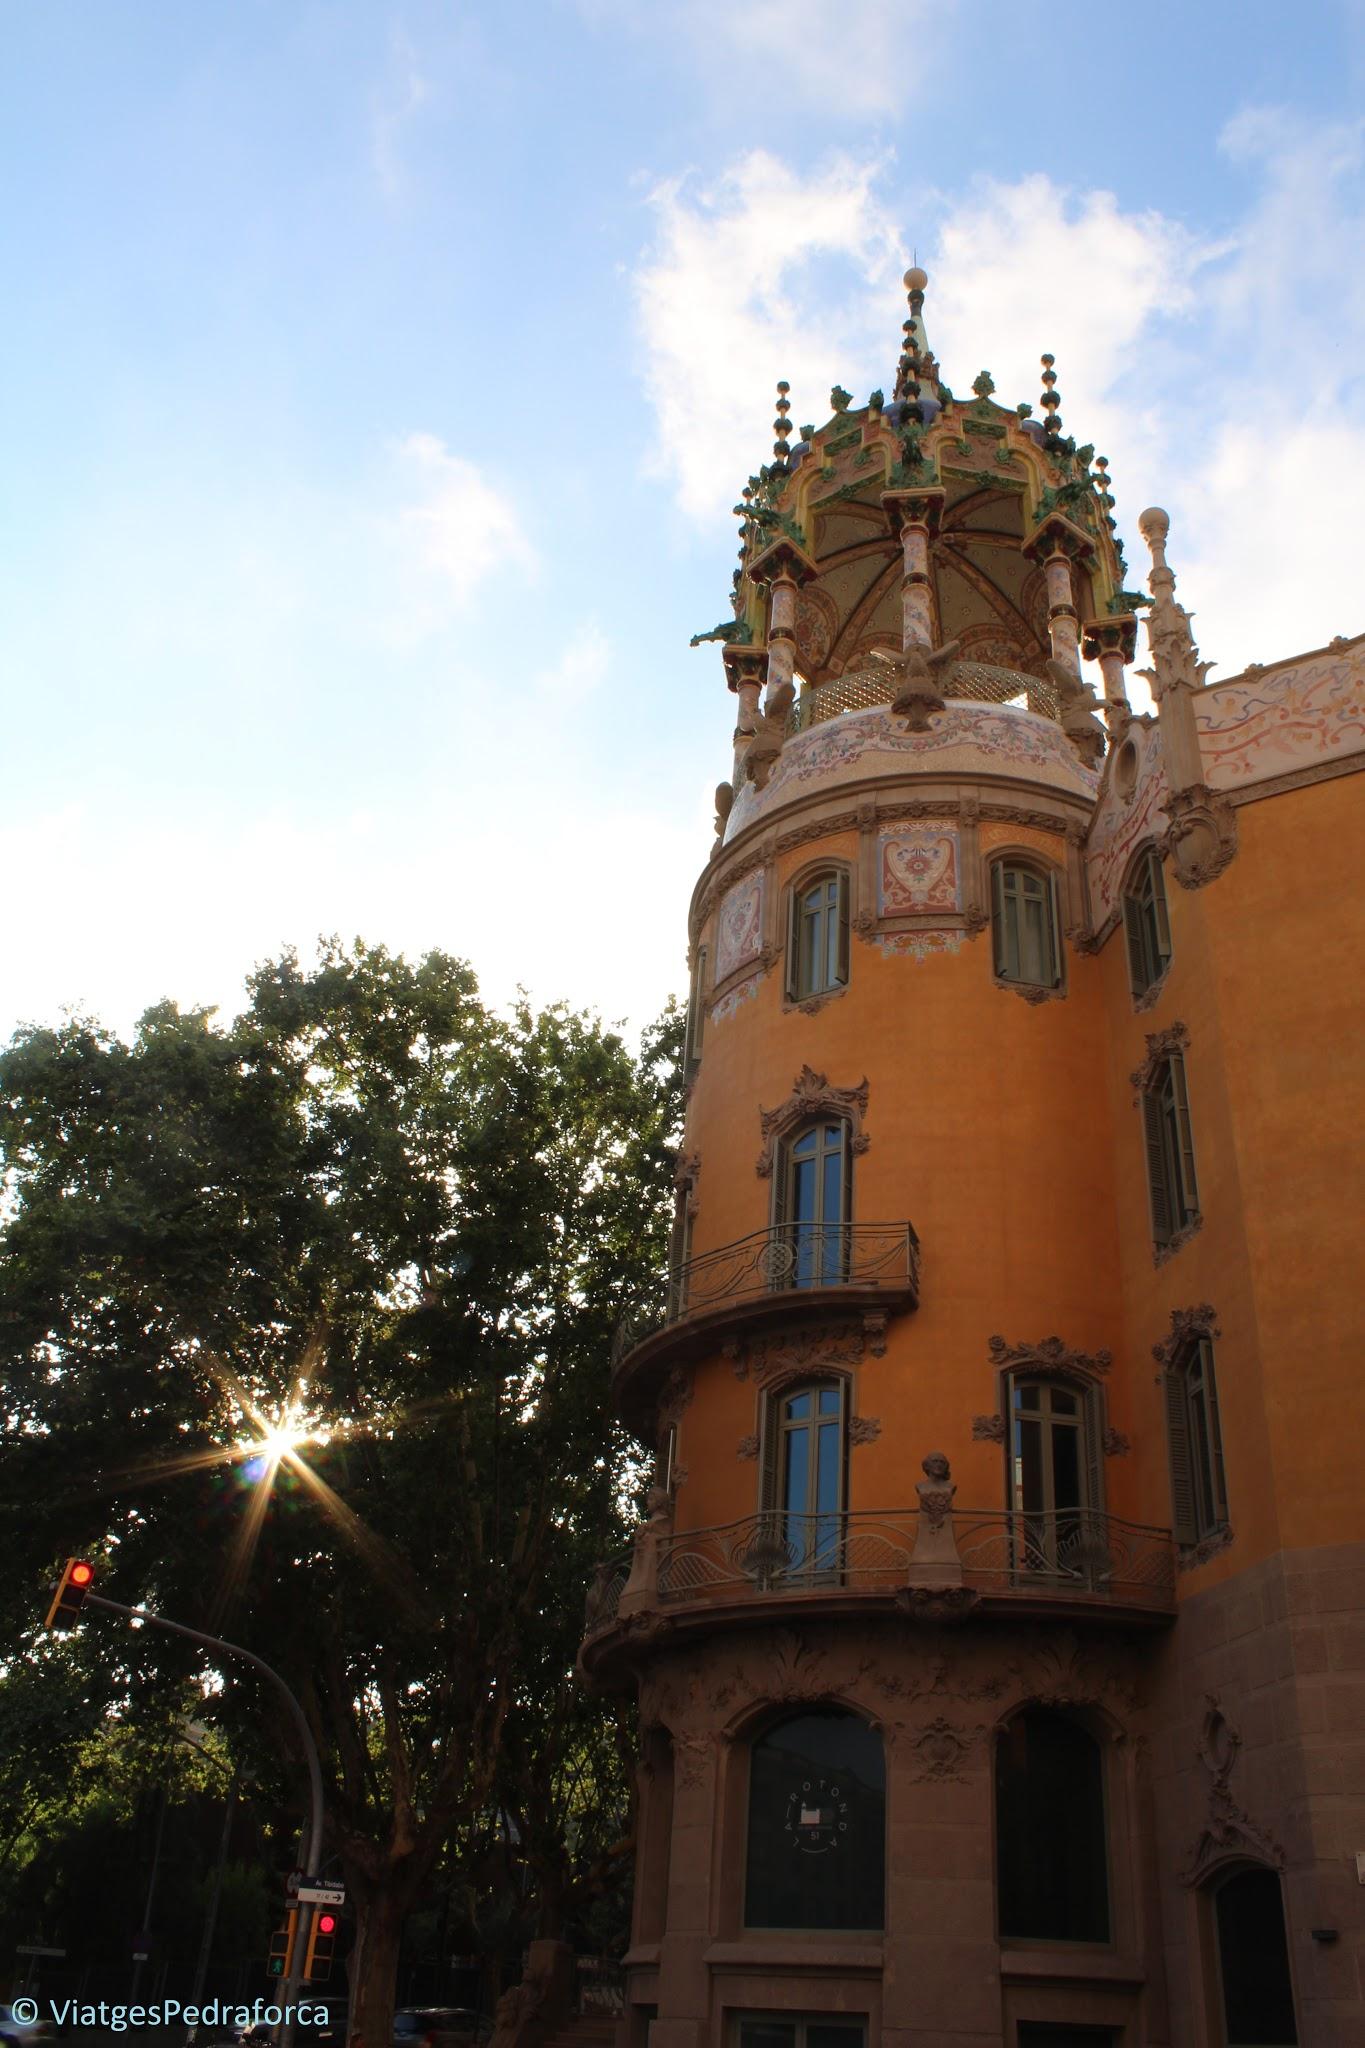 Ruta del modernisme, Barcelona, Catalunya, Adolf Ruiz i Casamitjana